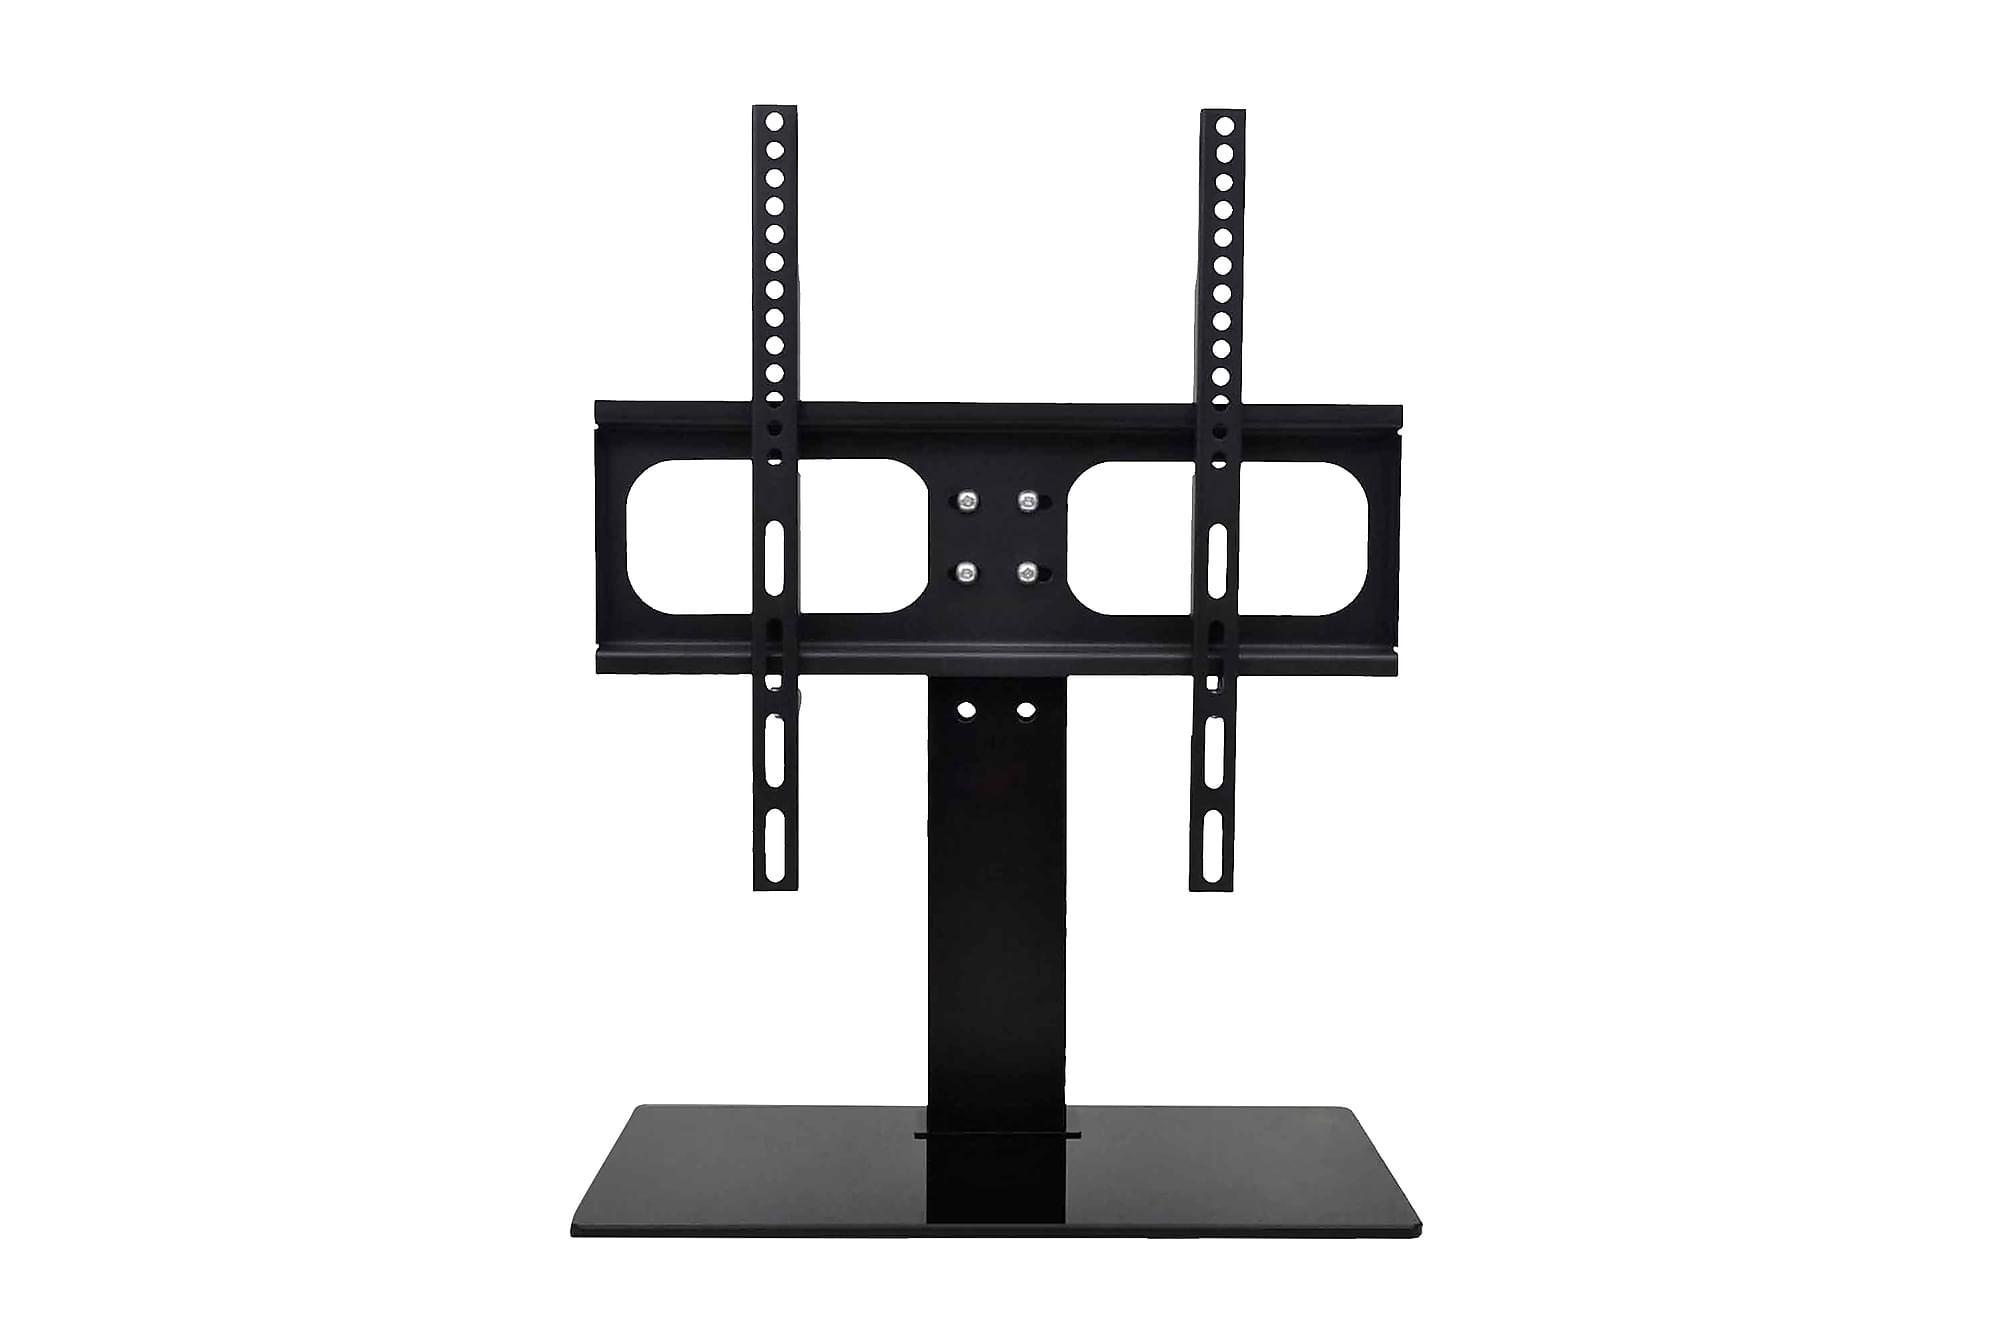 TV-stöd med fot 400 x 400 mm 23 - 55, Tv-väggfästen